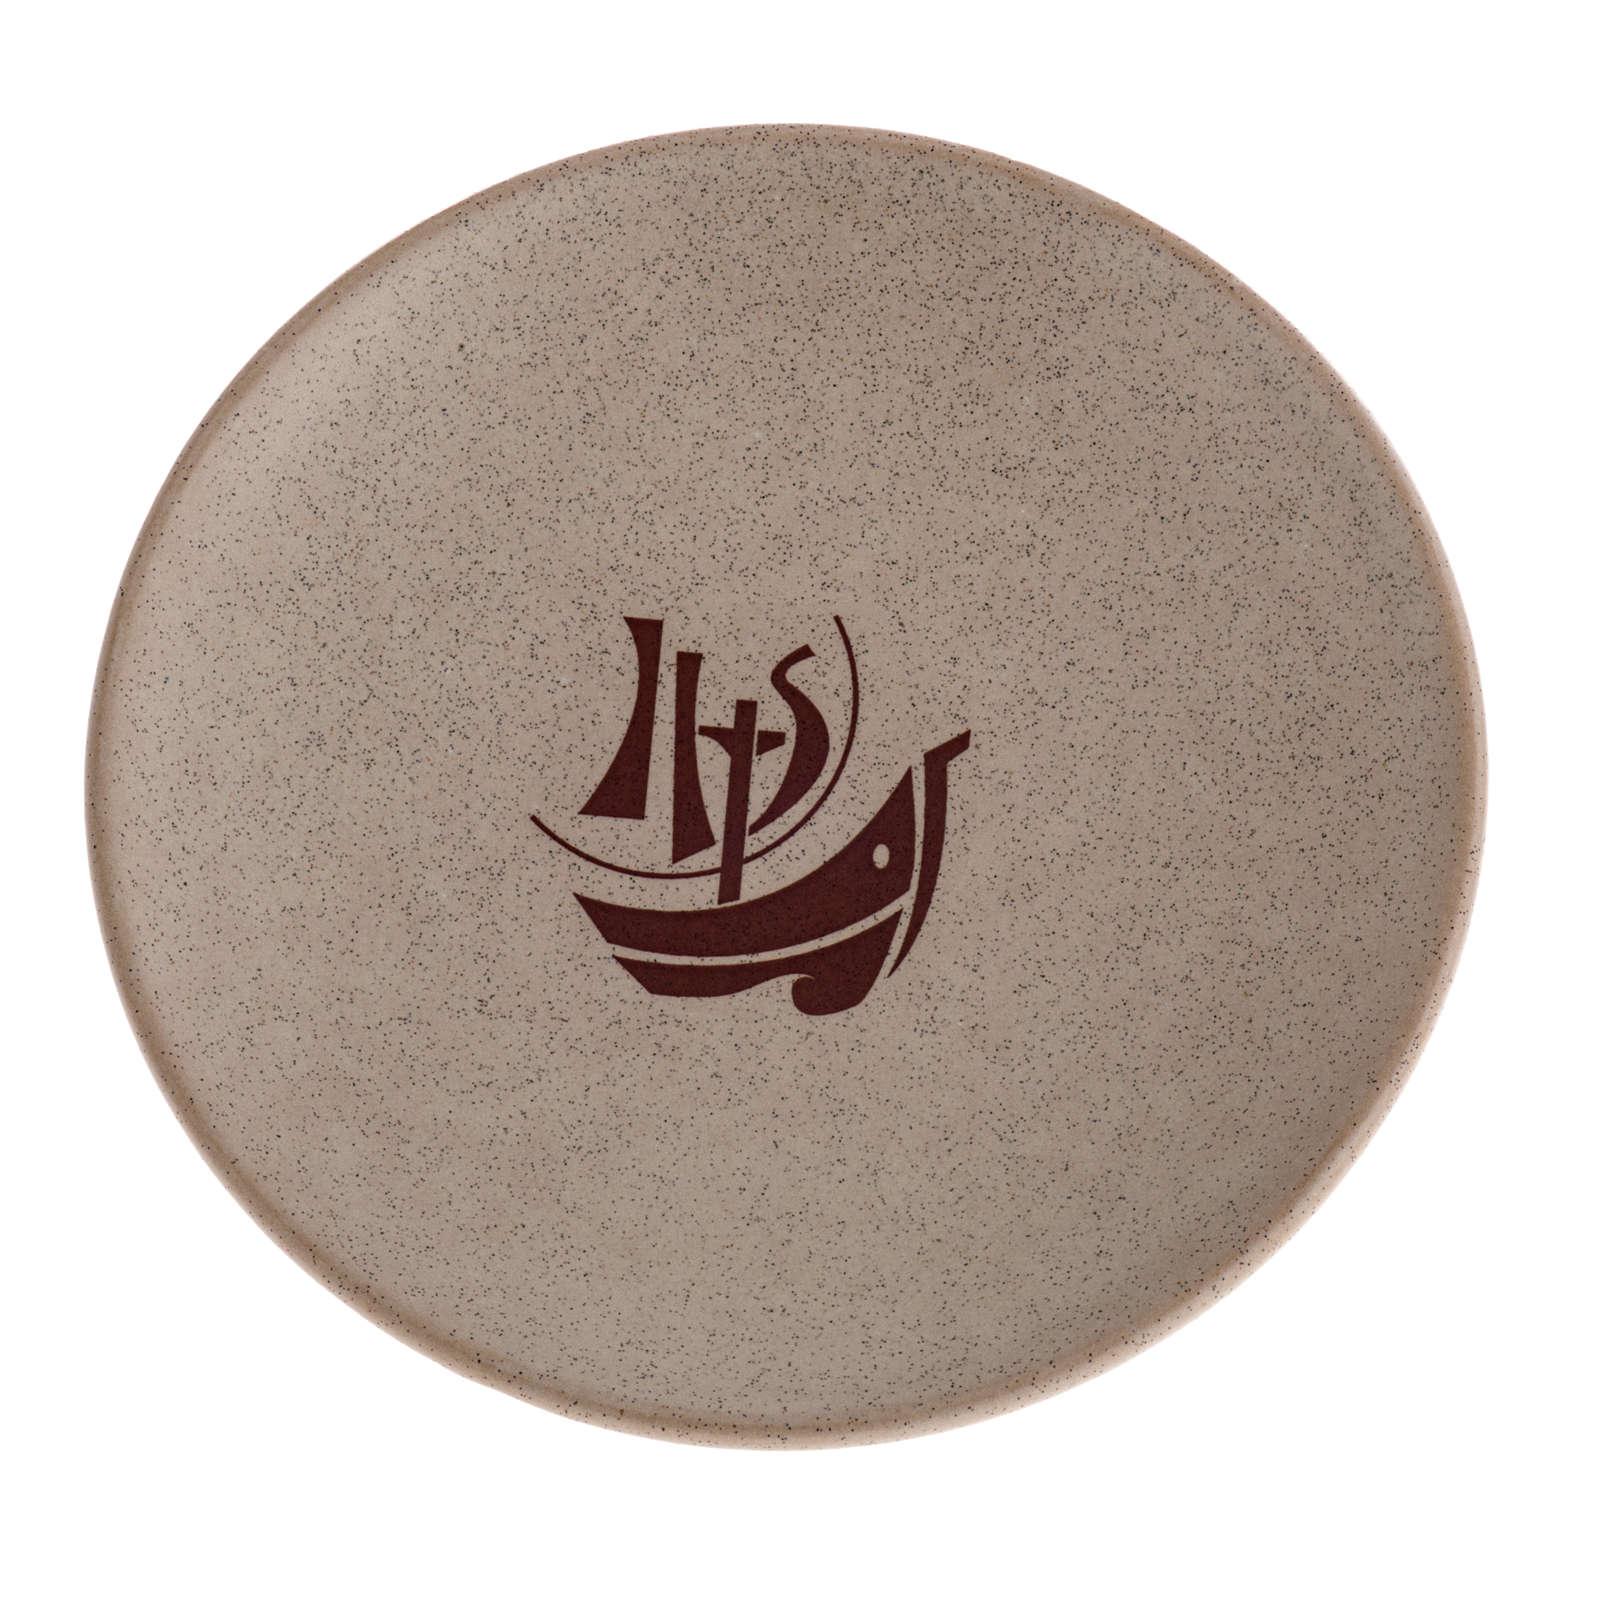 STOCK Piattino copri calice ceramica beige Anno Fede 4